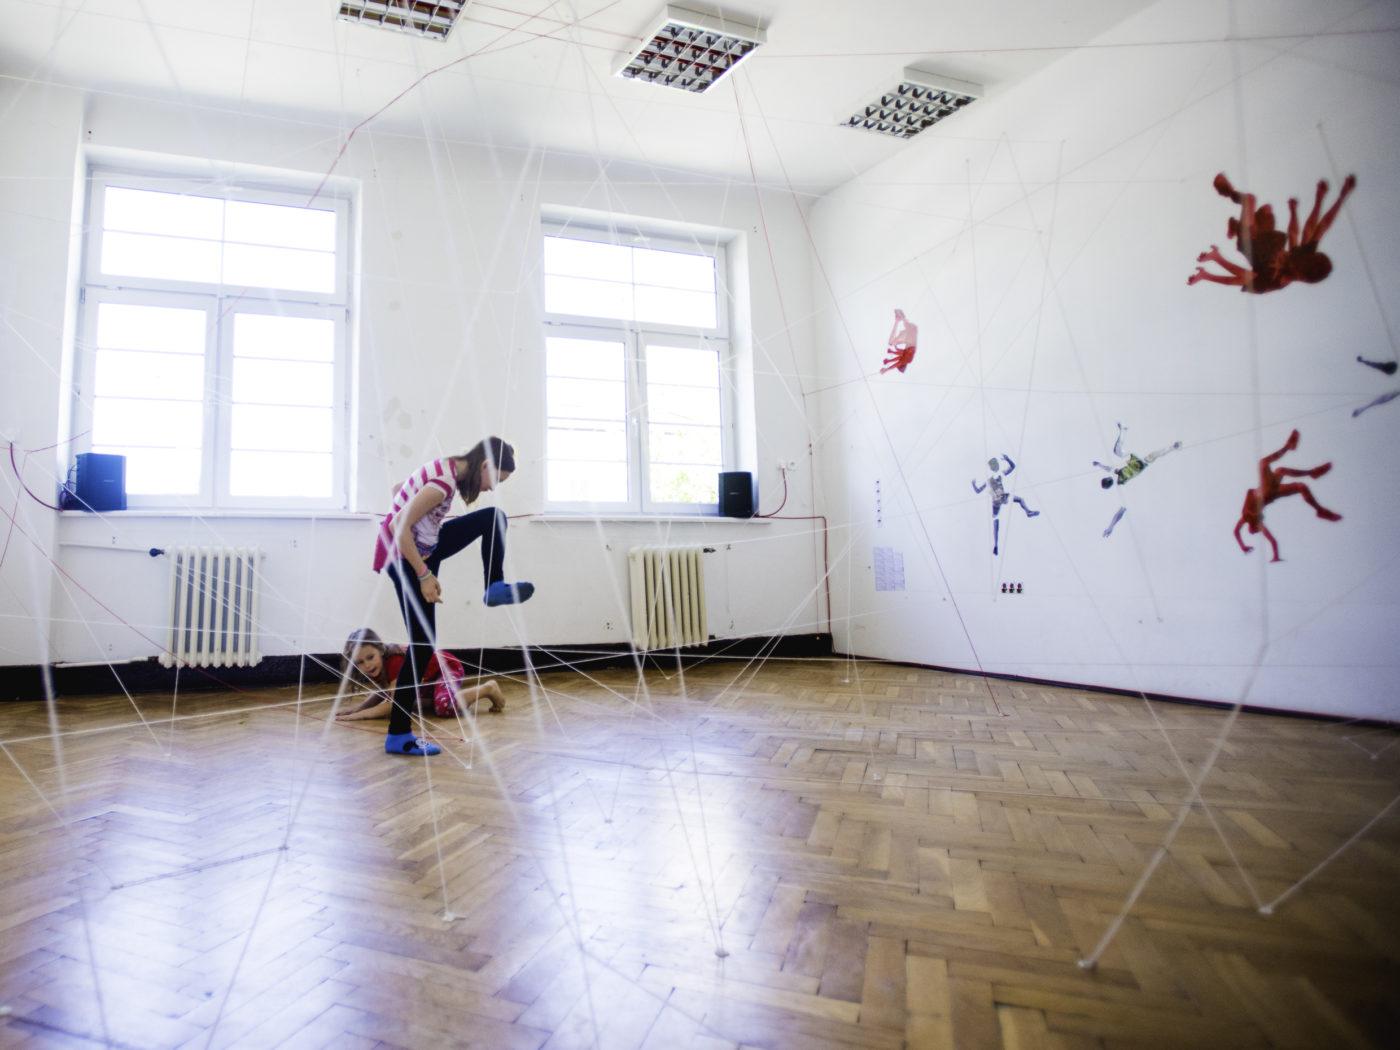 """Wystąpienie Grety Thunberg na Szczycie klimatycznym ONZ w Katowicach będzie częścią instalacji w """"Przestrzeni bez końca"""""""